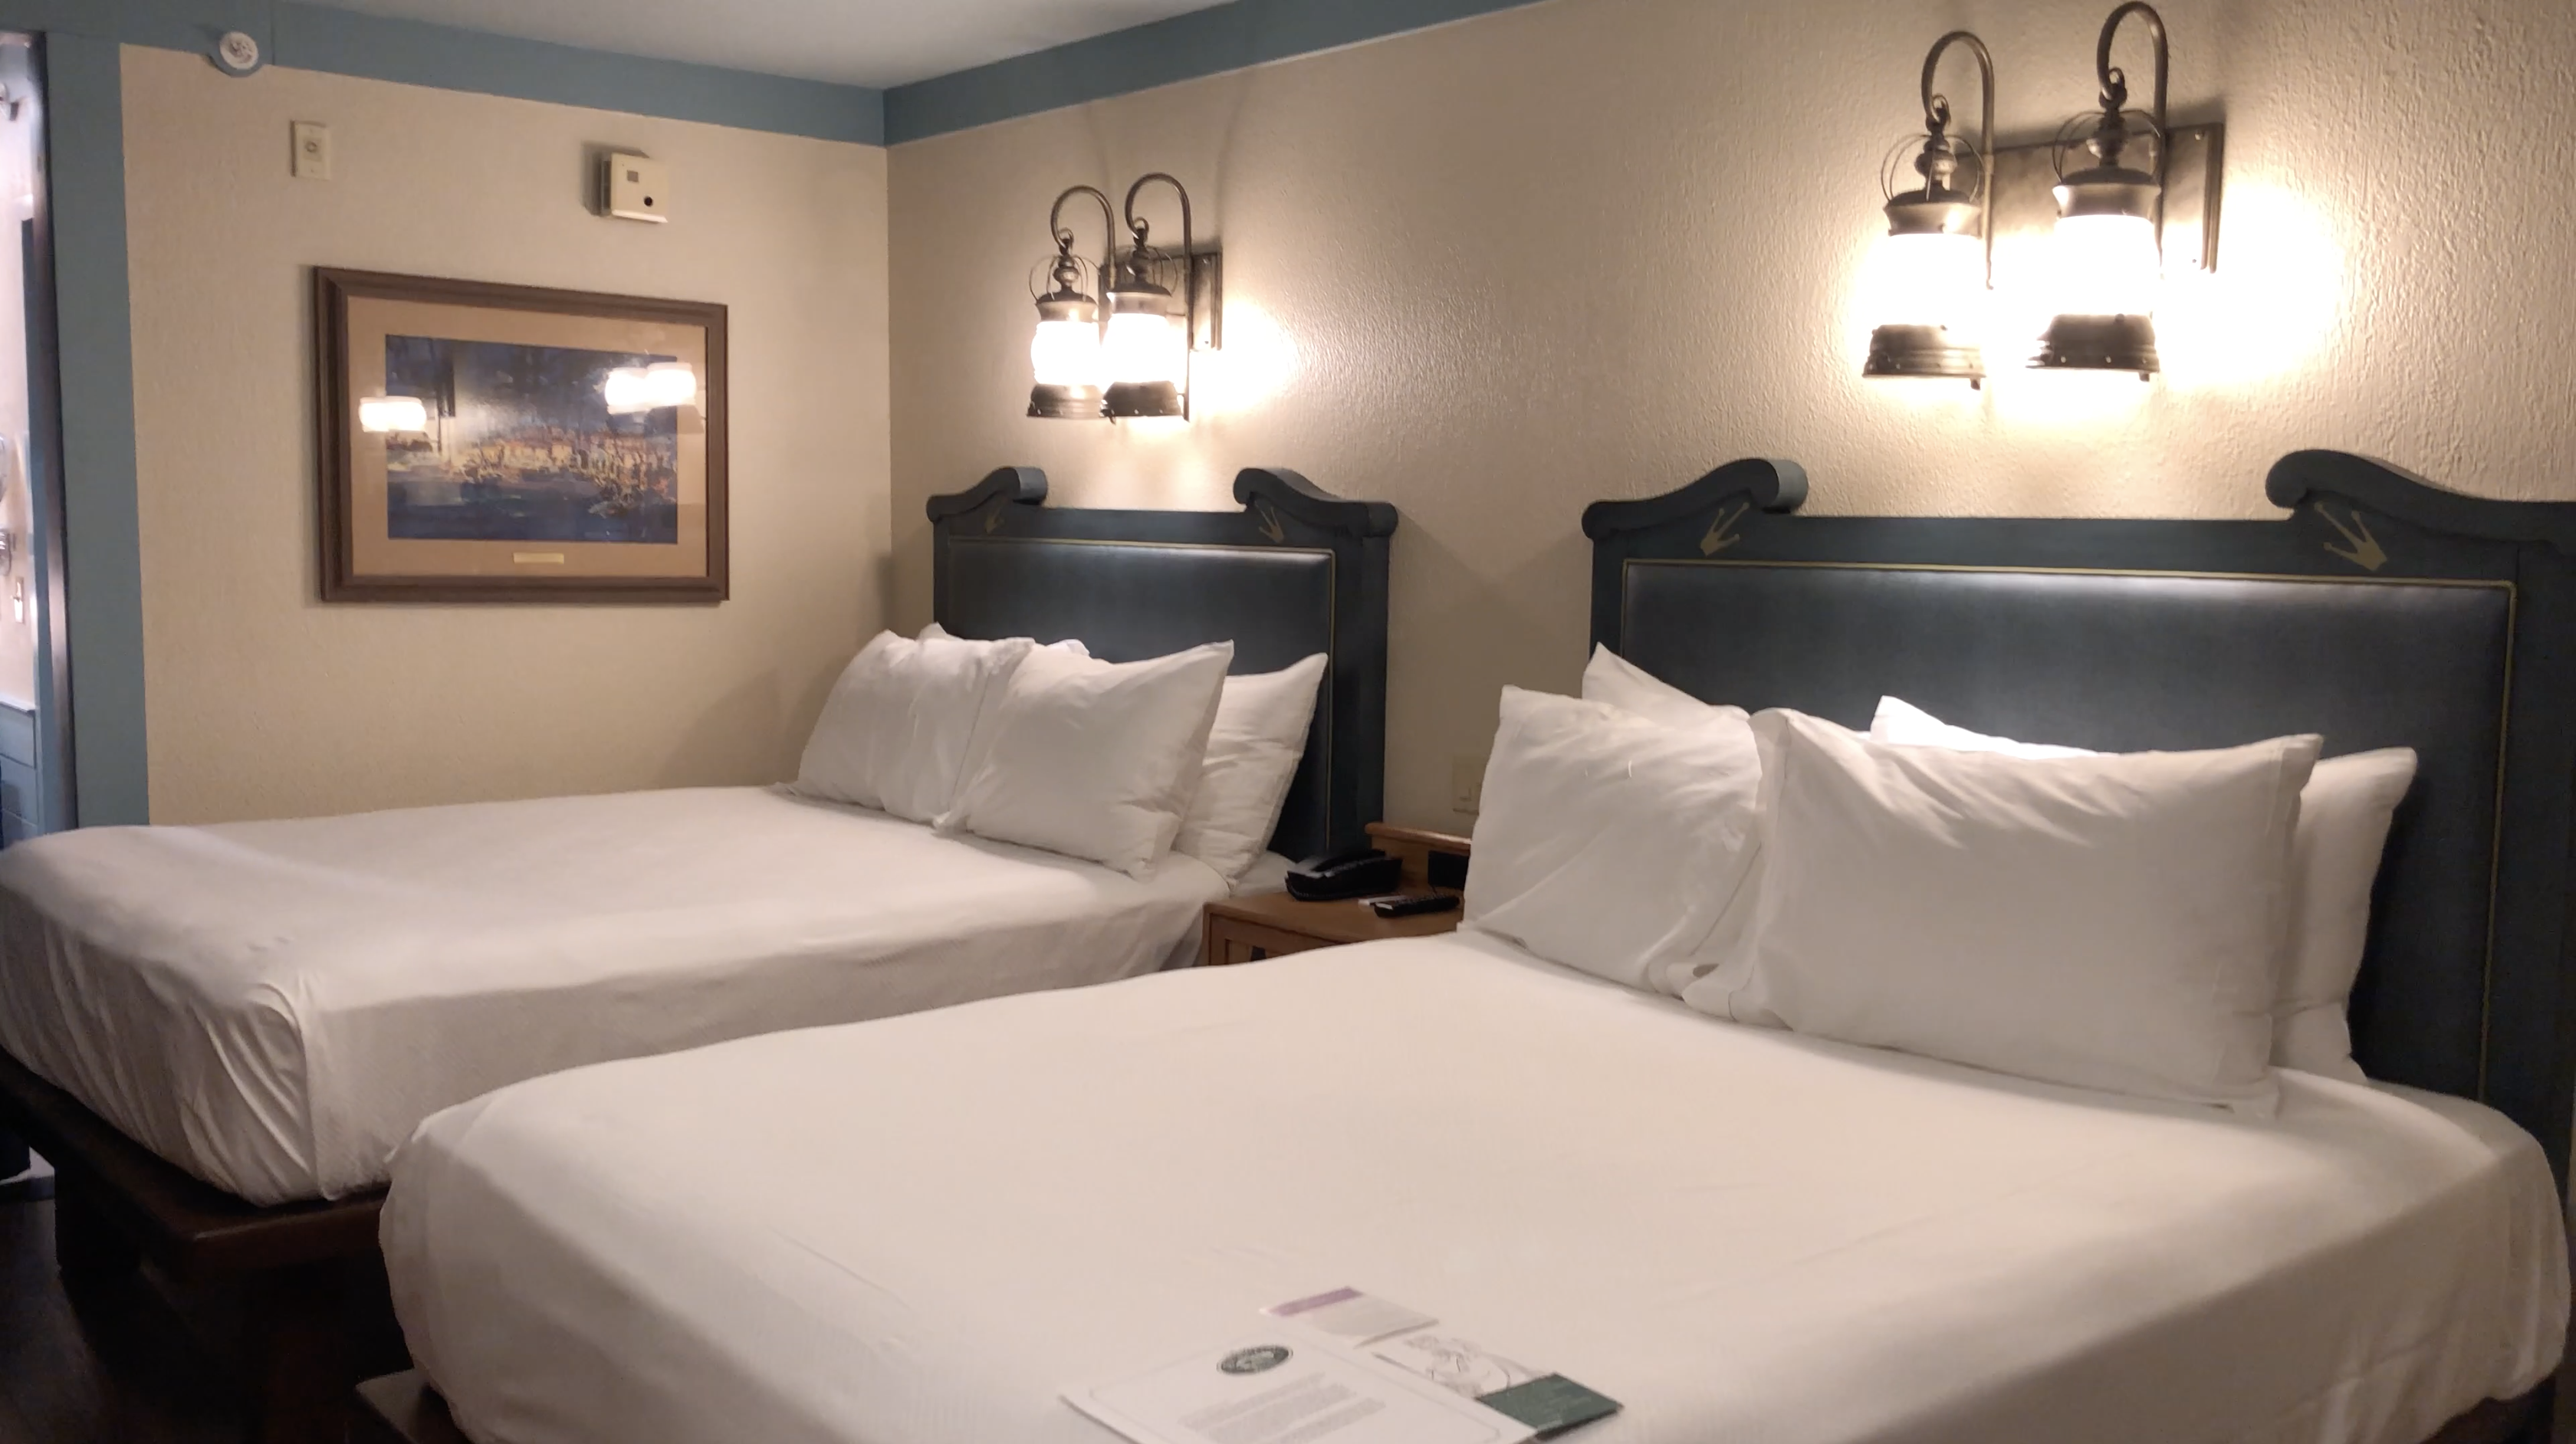 Port Orleans Riverside Room